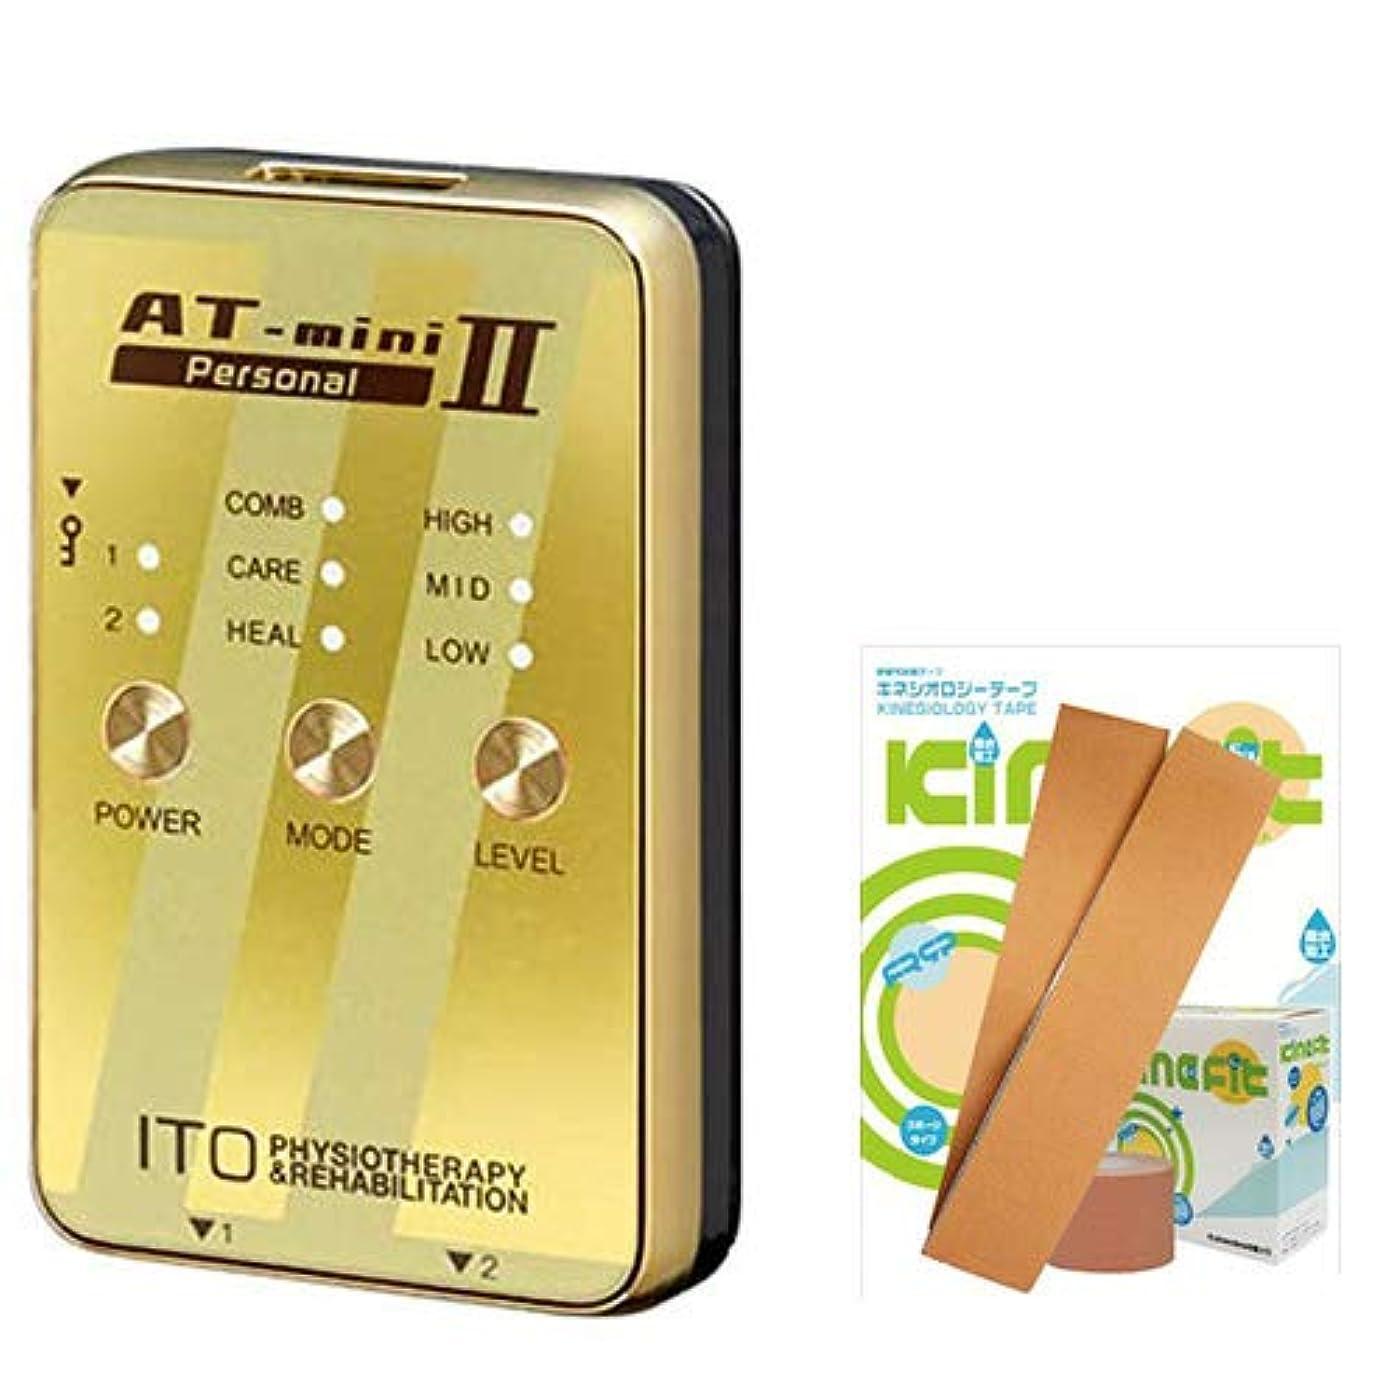 はちみつ再生的傾いた低周波治療器 AT-mini personal II ゴールド (ATミニパーソナル2) +キネフィットテープ50cmセット